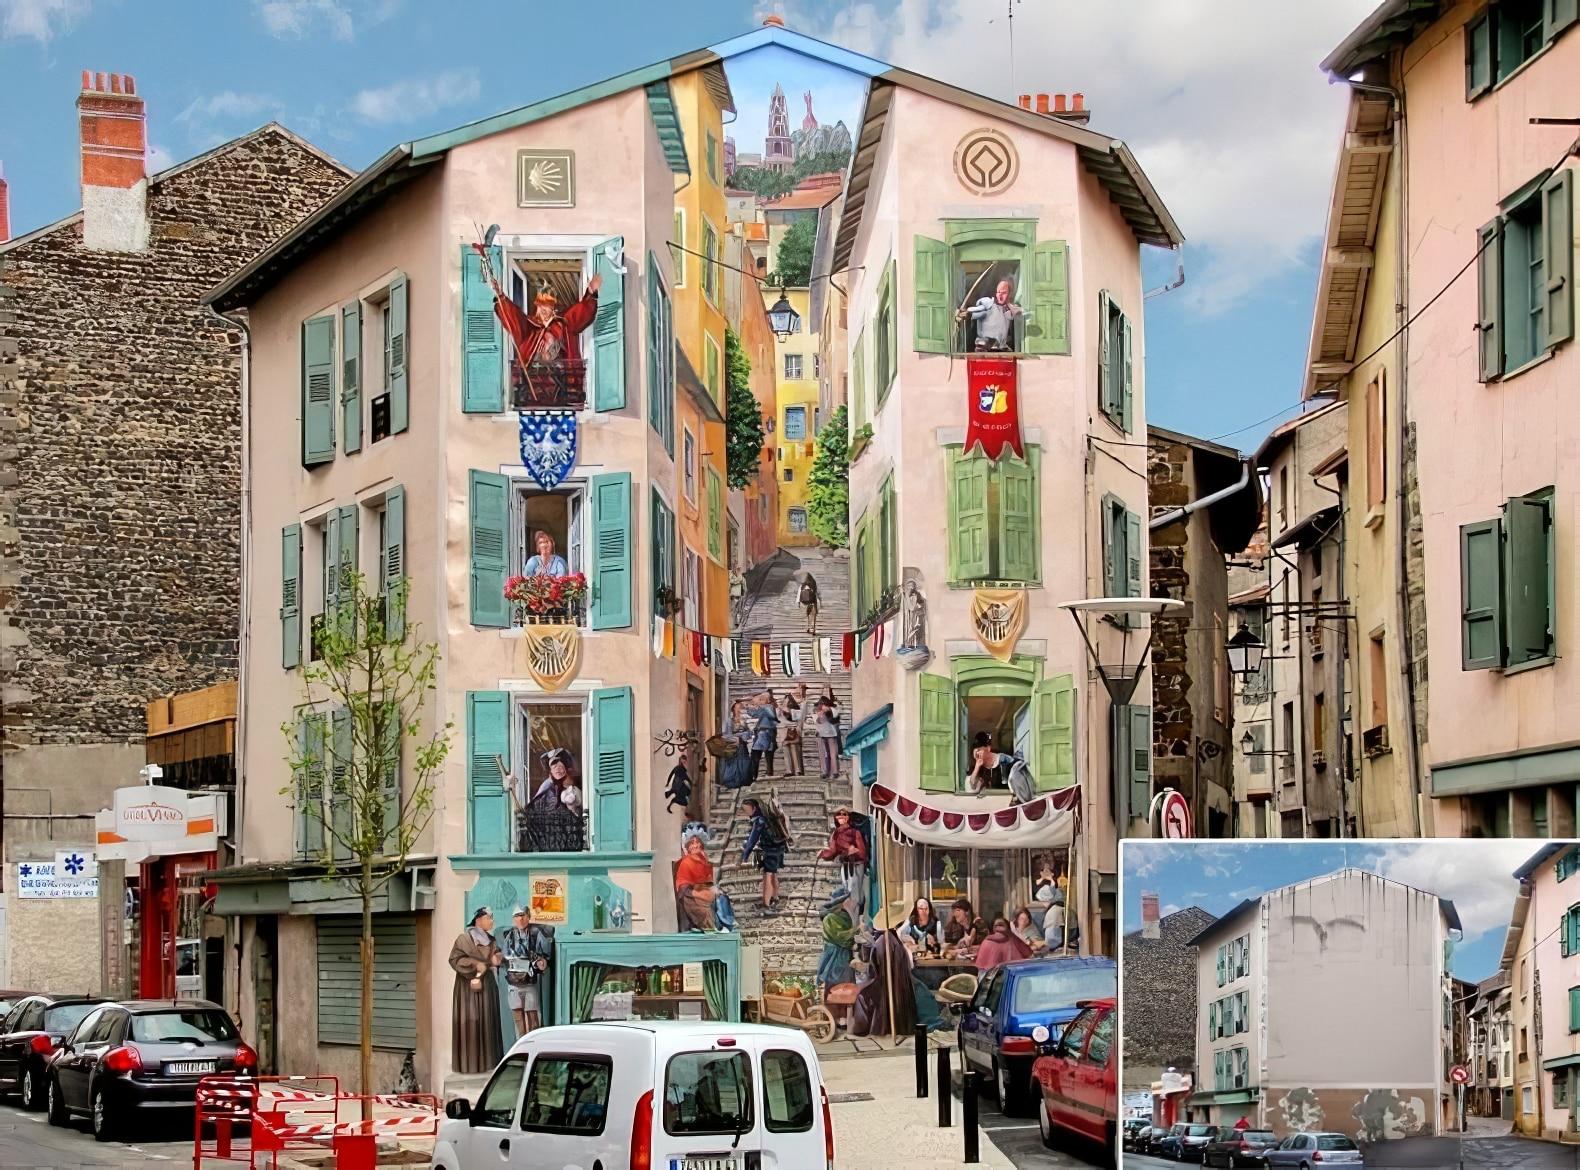 Patrick Commecy peinture trompe-l'oeil Puy-en-VelayPatrick Commecy peinture trompe-l'oeil Puy-en-Velay